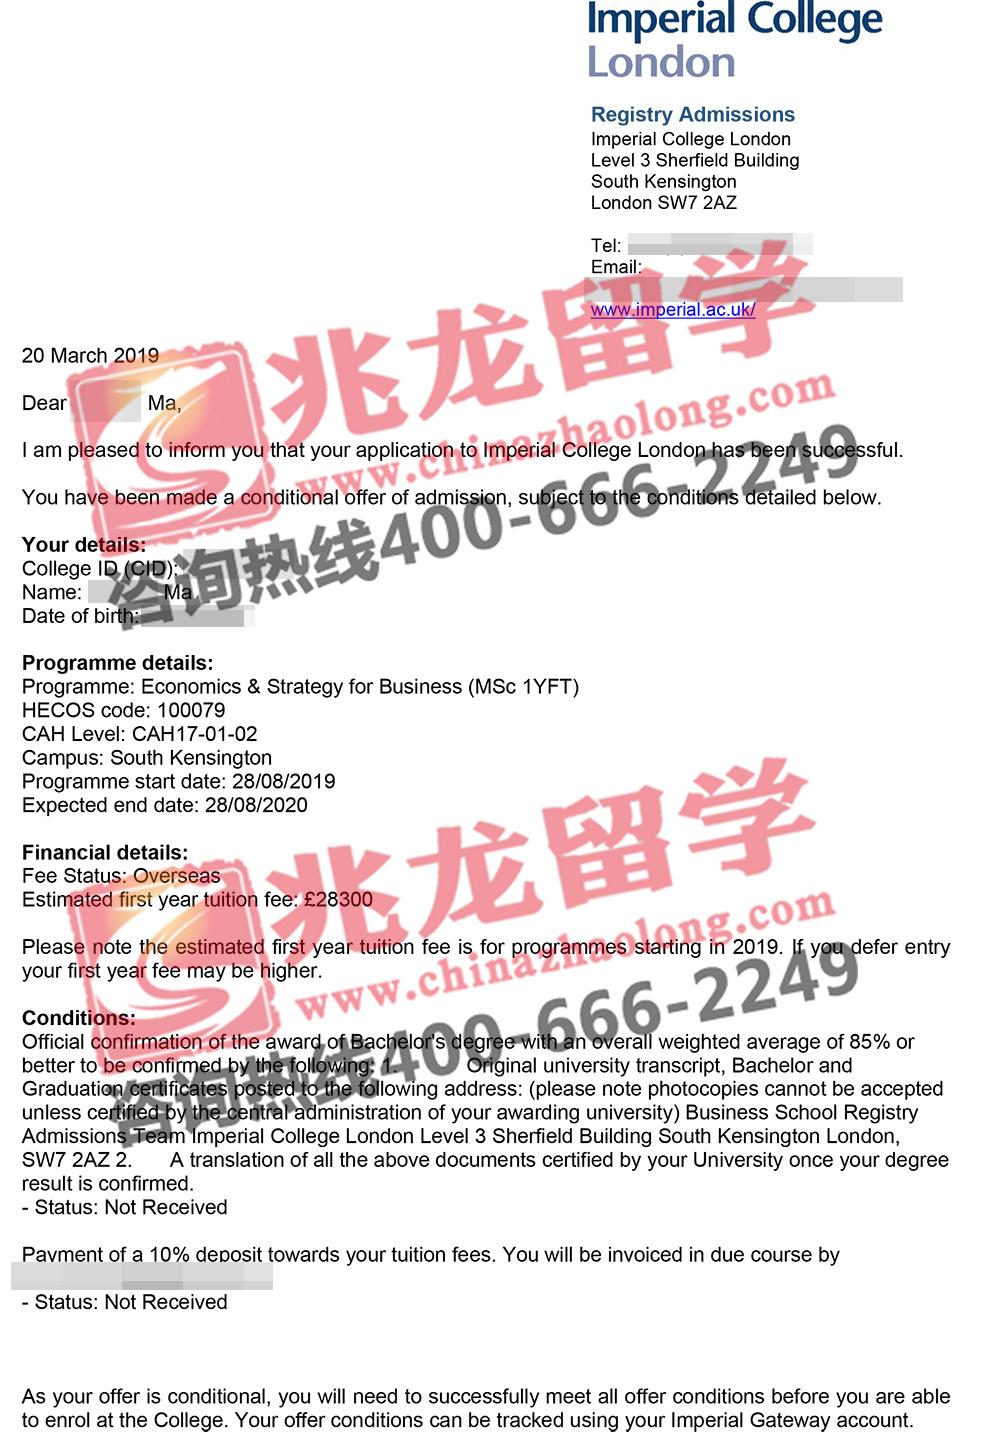 马yushan英国帝国理工学院经济学与商业策略专业硕士offer-兆龙留学1.jpg